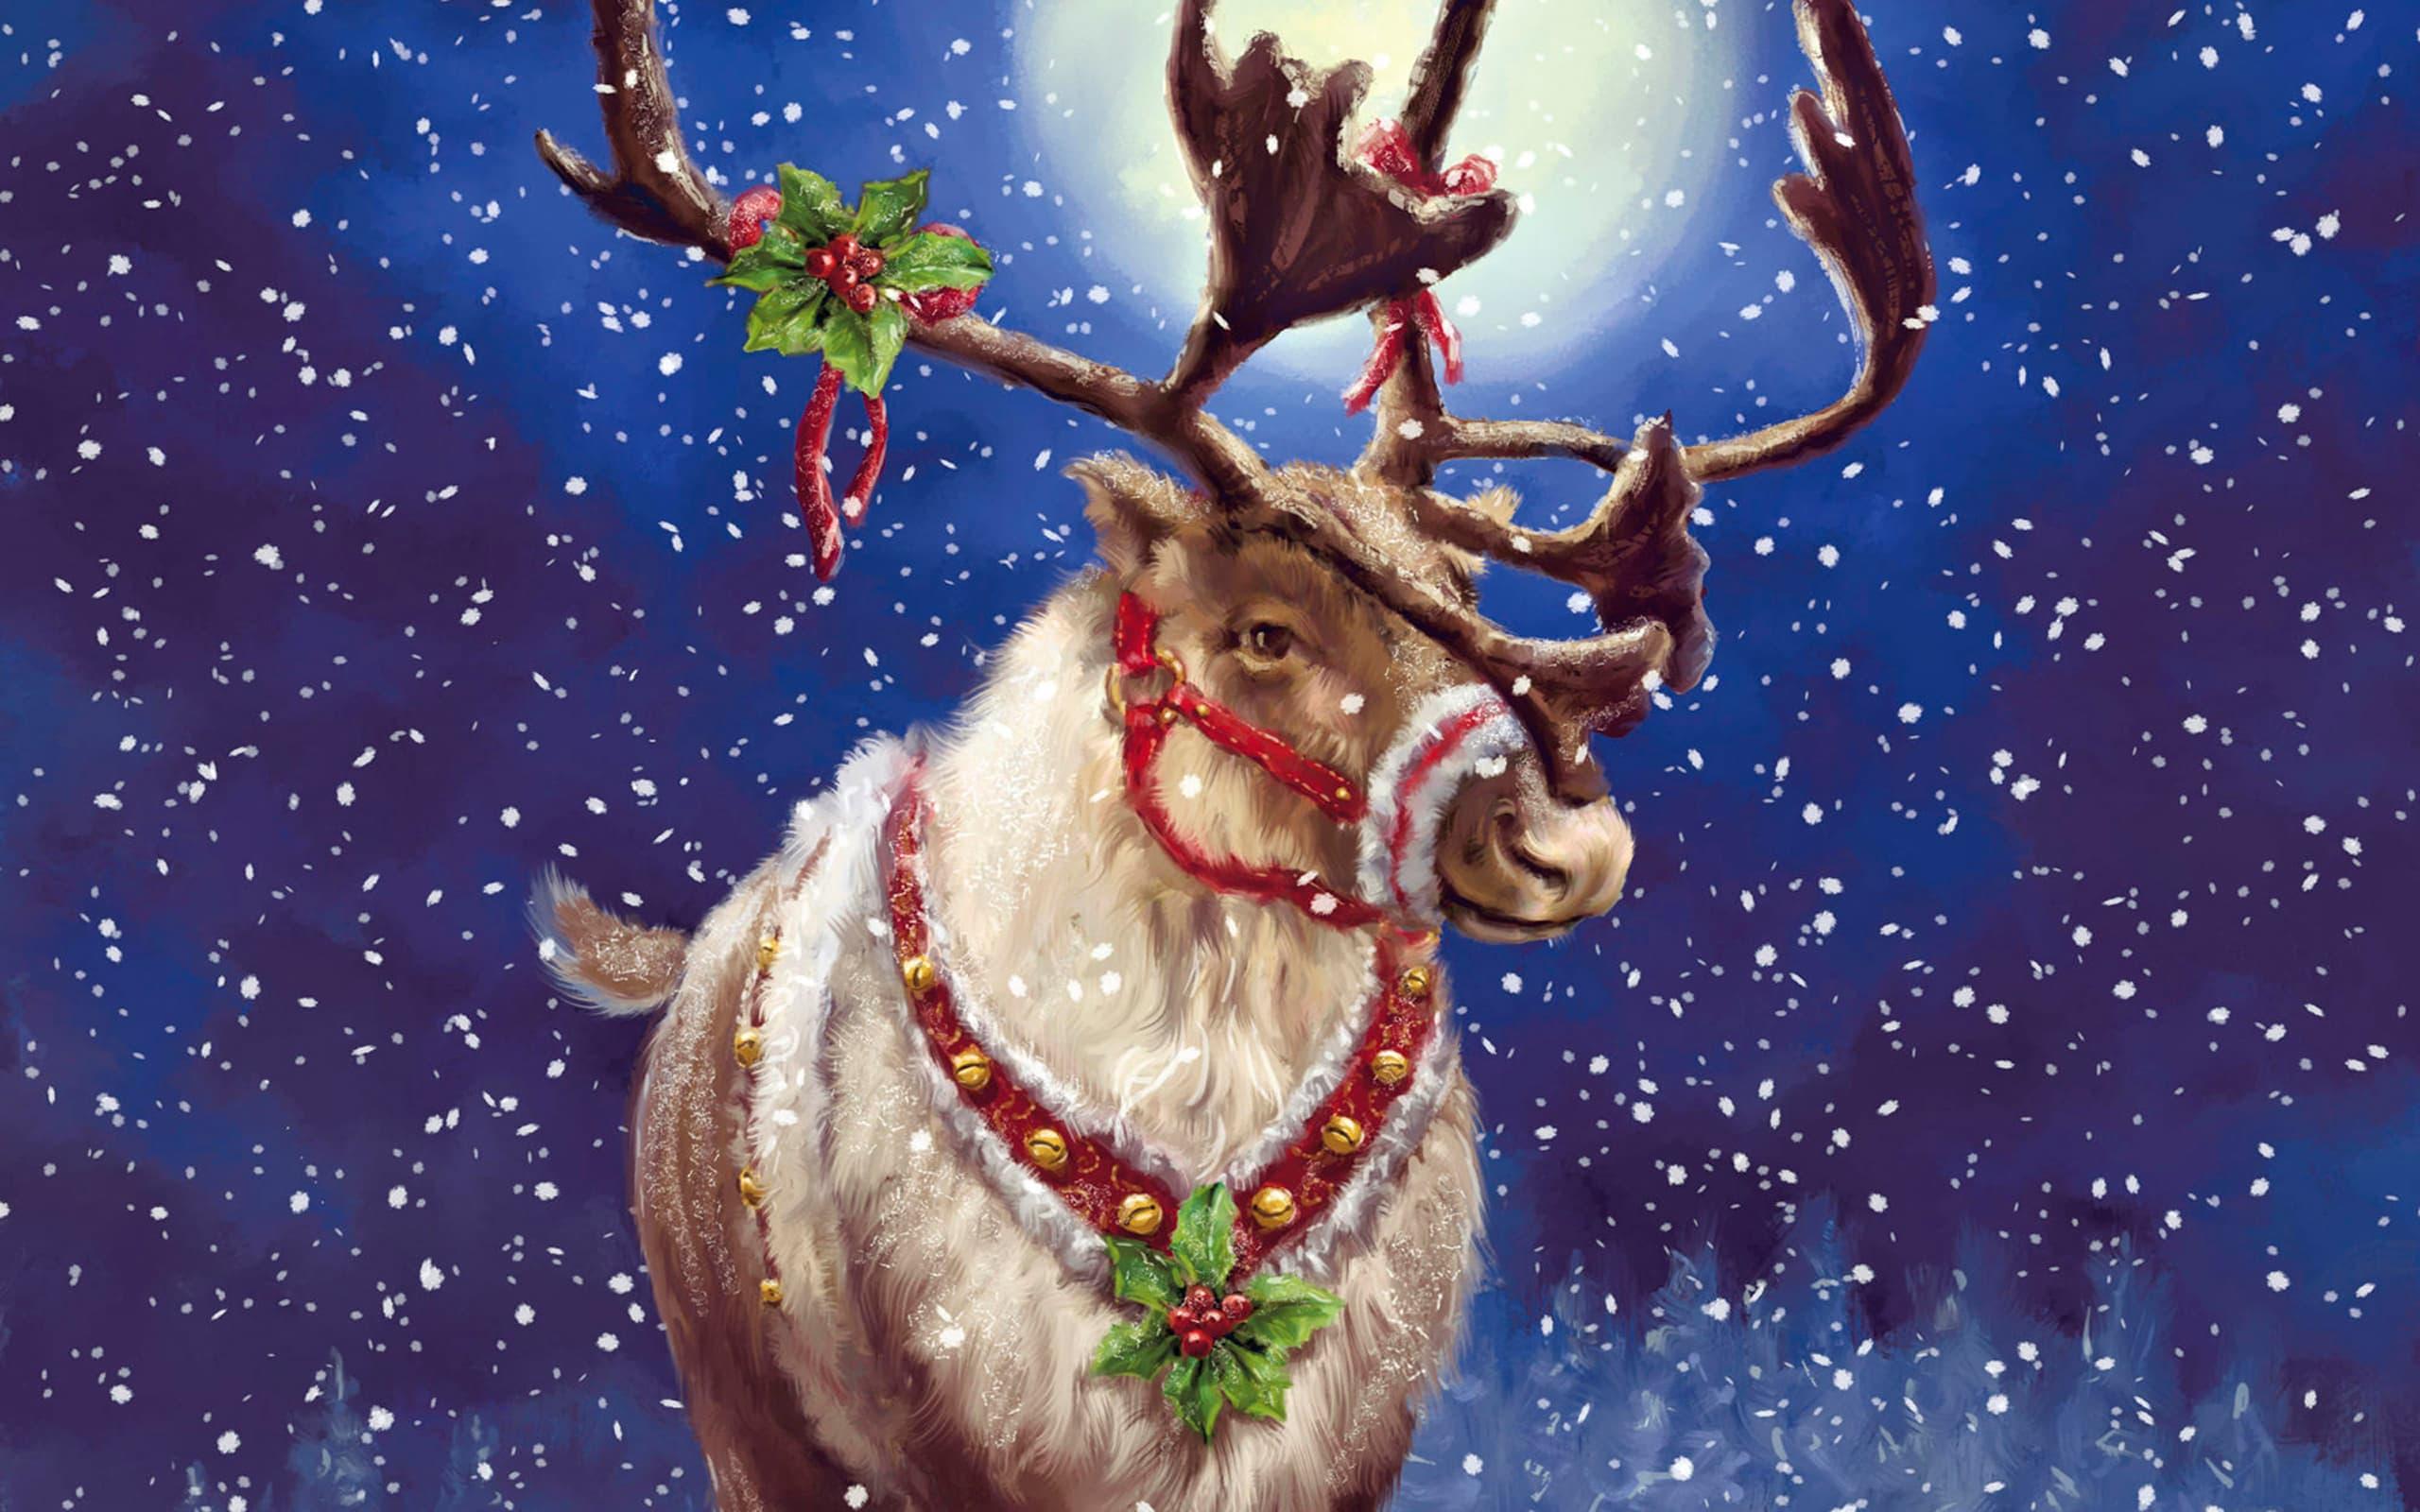 Студия Reklam.ru поздравляет всех с Новым 2018 годом и Рождеством!